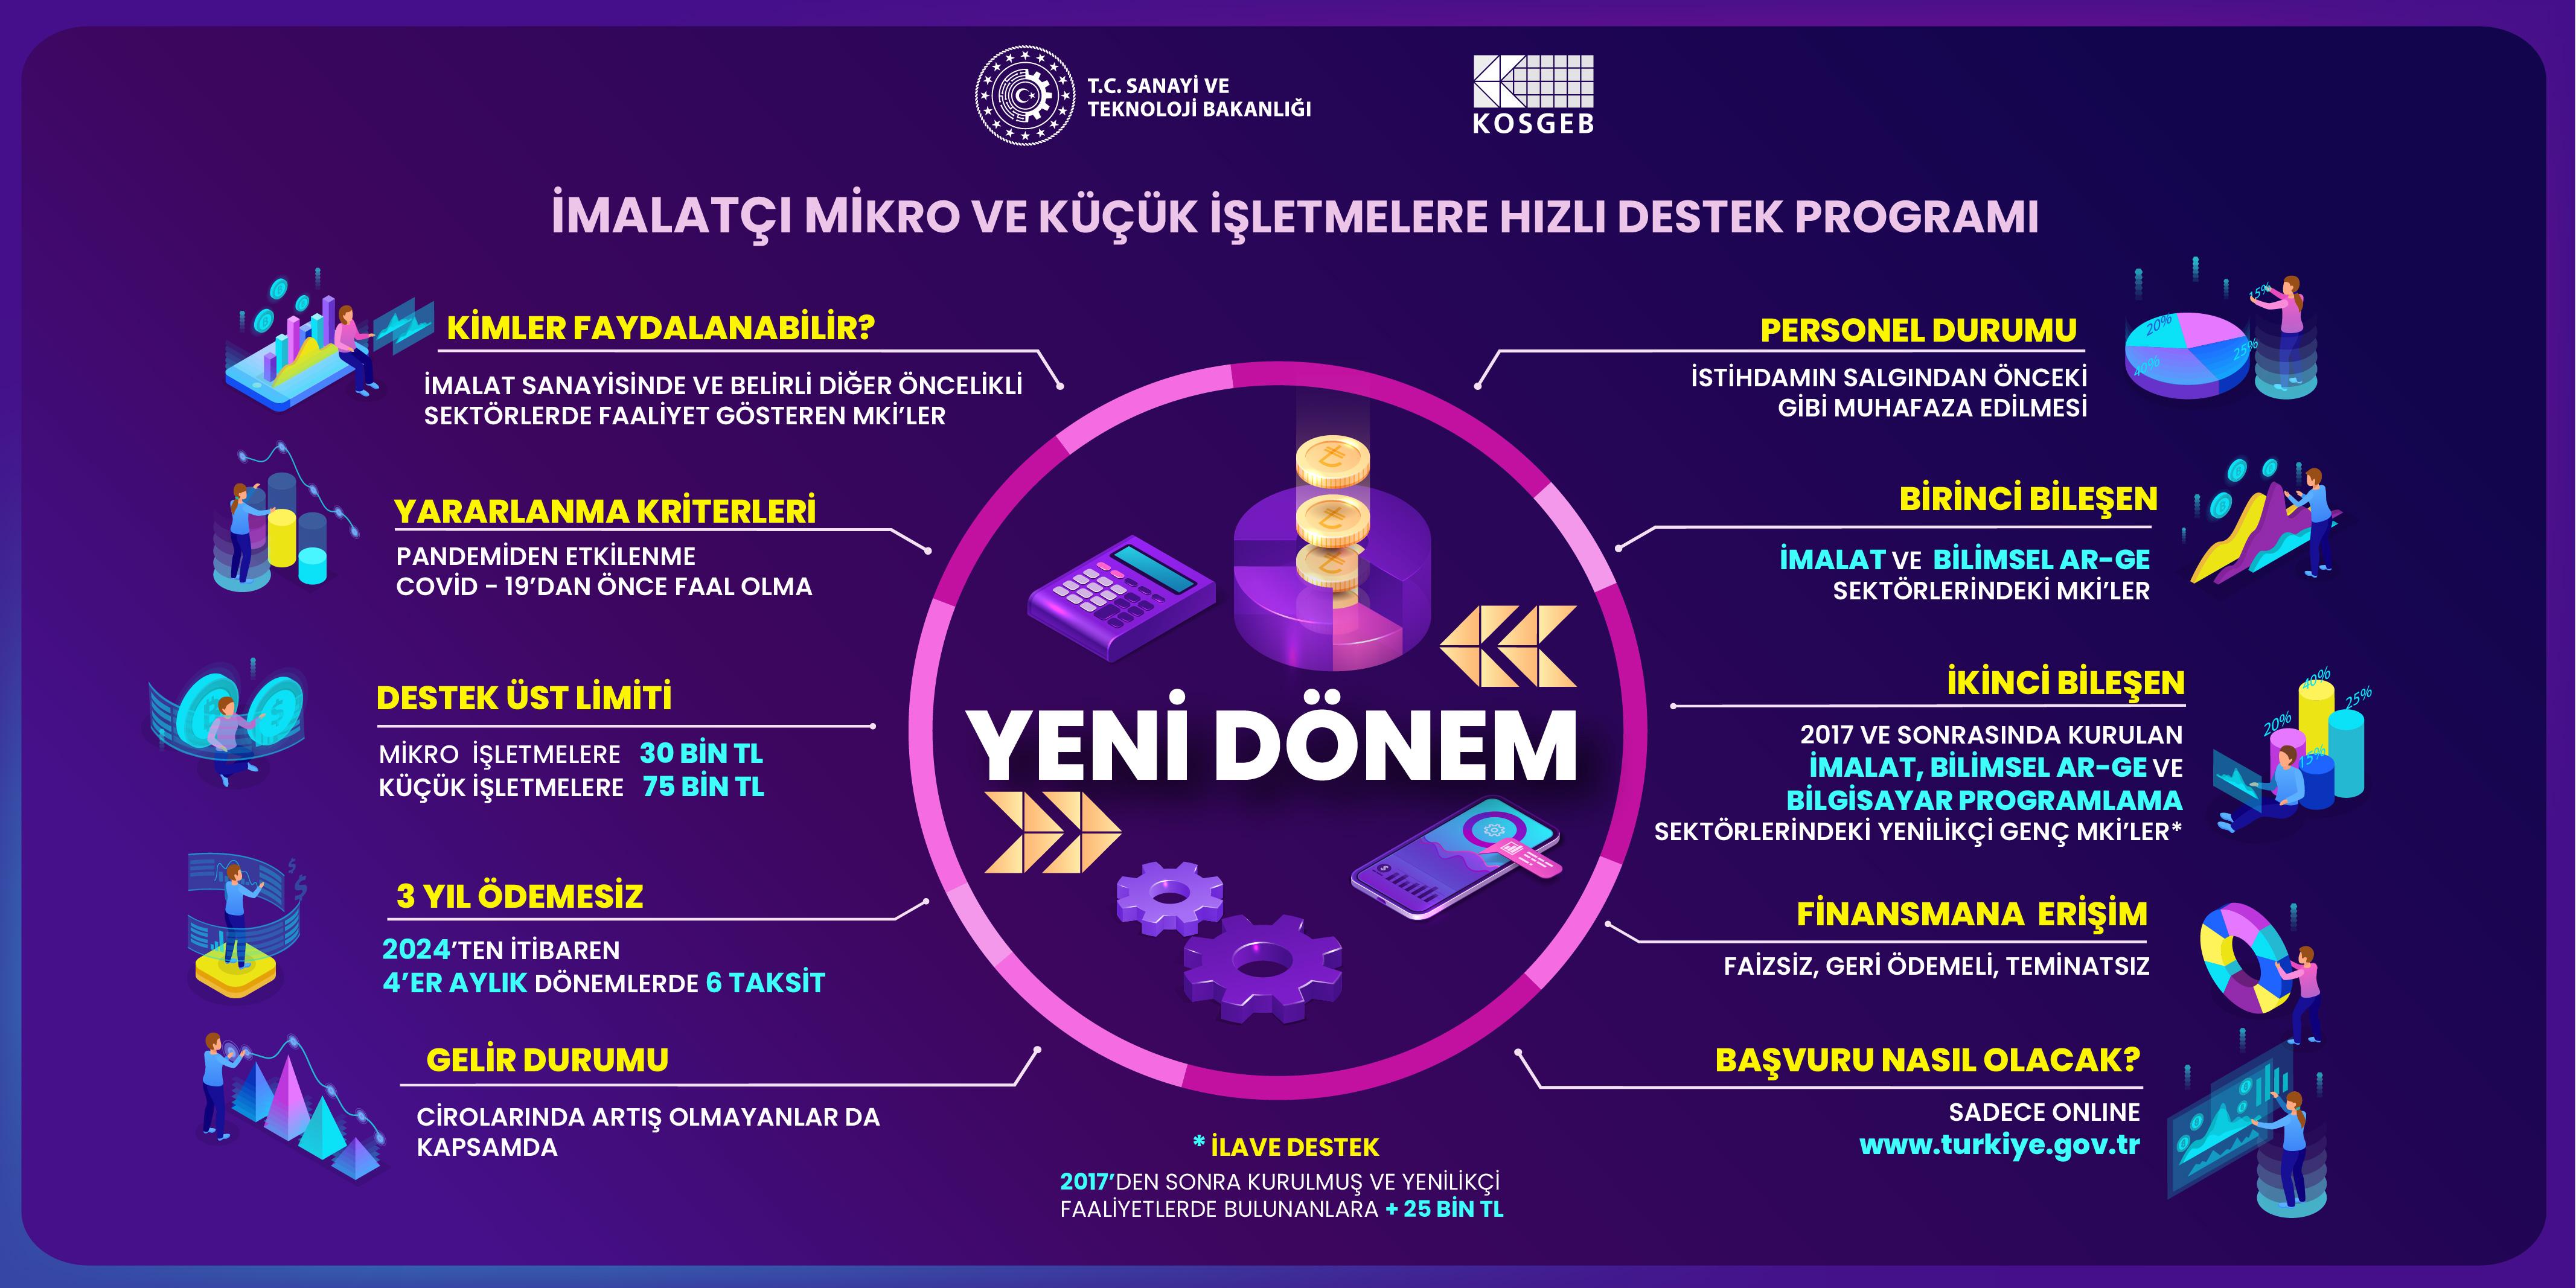 İmalatçı Mikro ve Küçük Ölçekli İşletmelere Hızlı Destek Programı Webinarı